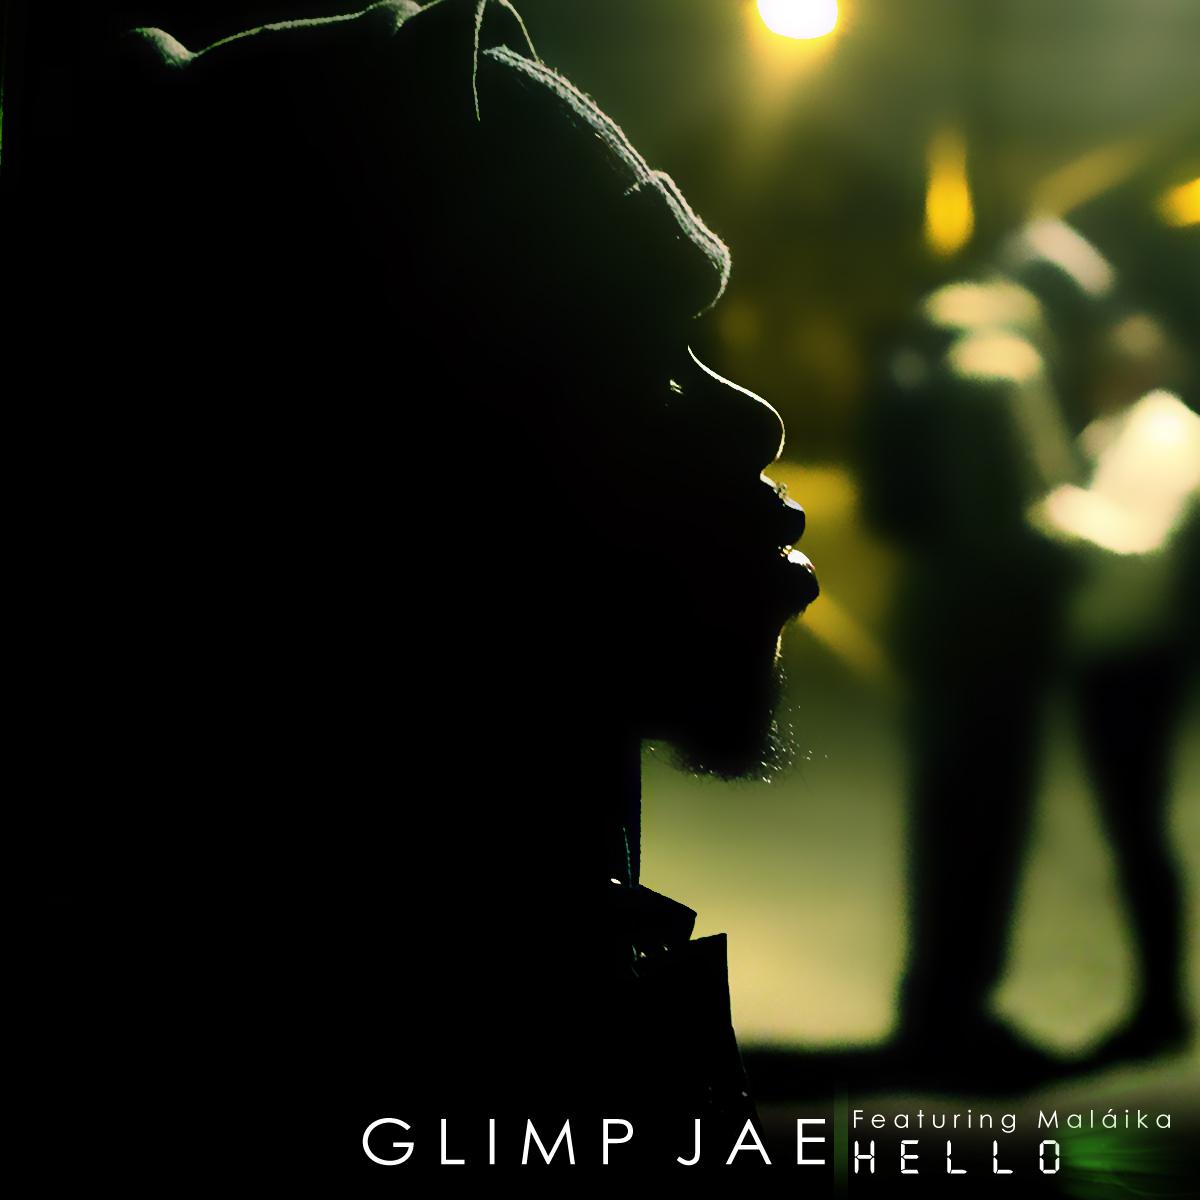 Glimp Jae